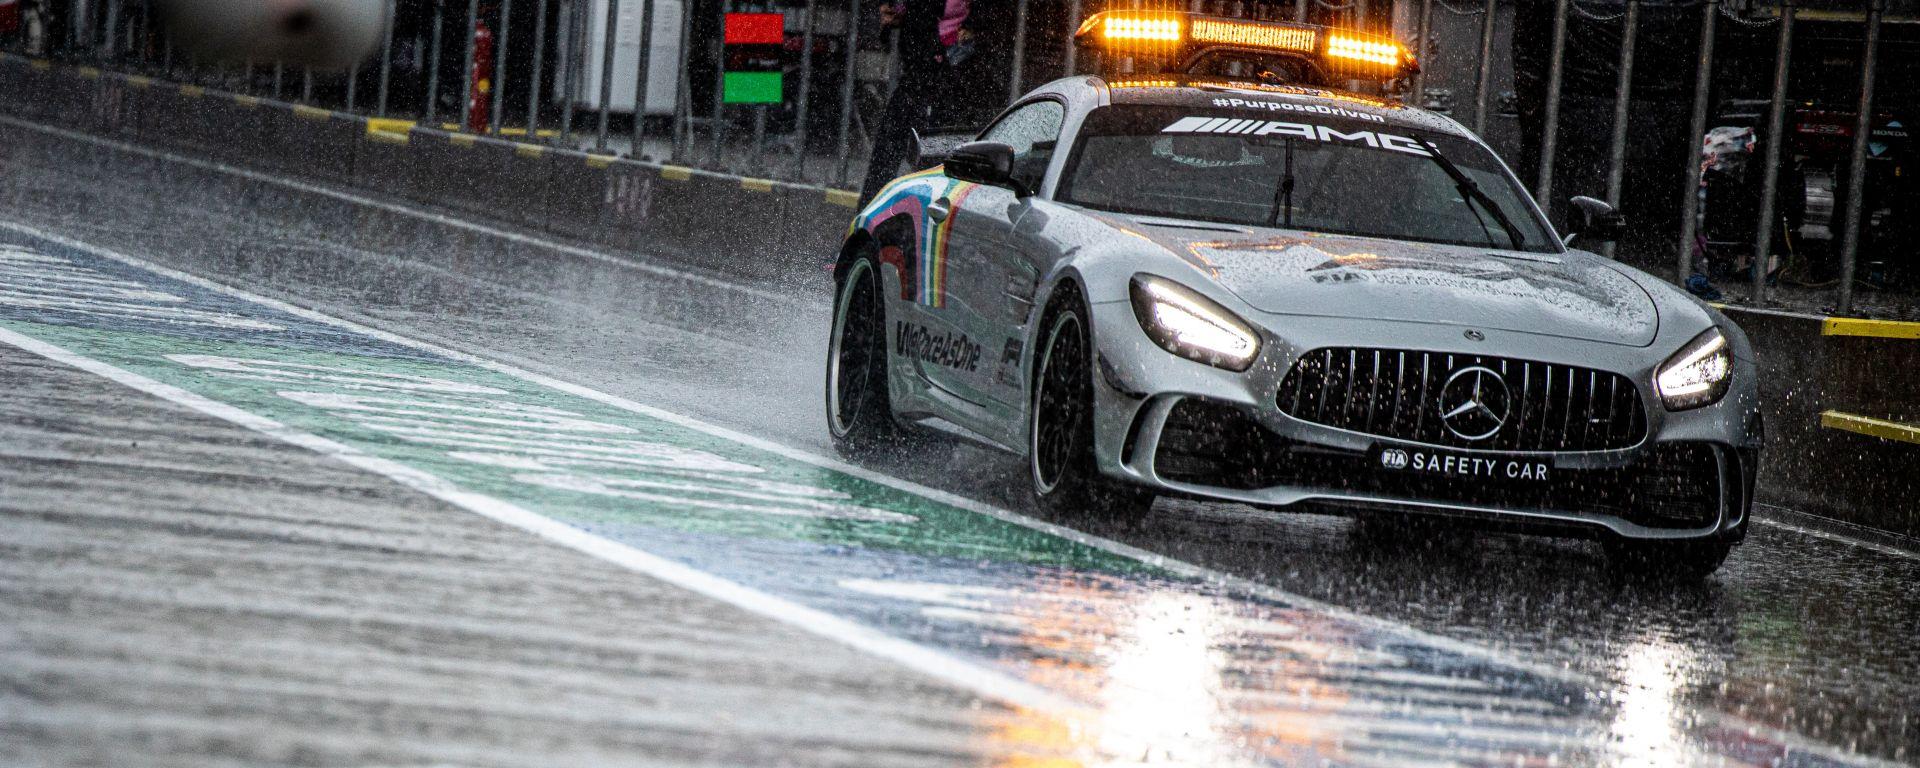 F1 GP Stiria 2020, Red Bull Ring: nelle PL3 ha vinto la pioggia e la Safety Car è stata l'unica auto a girare